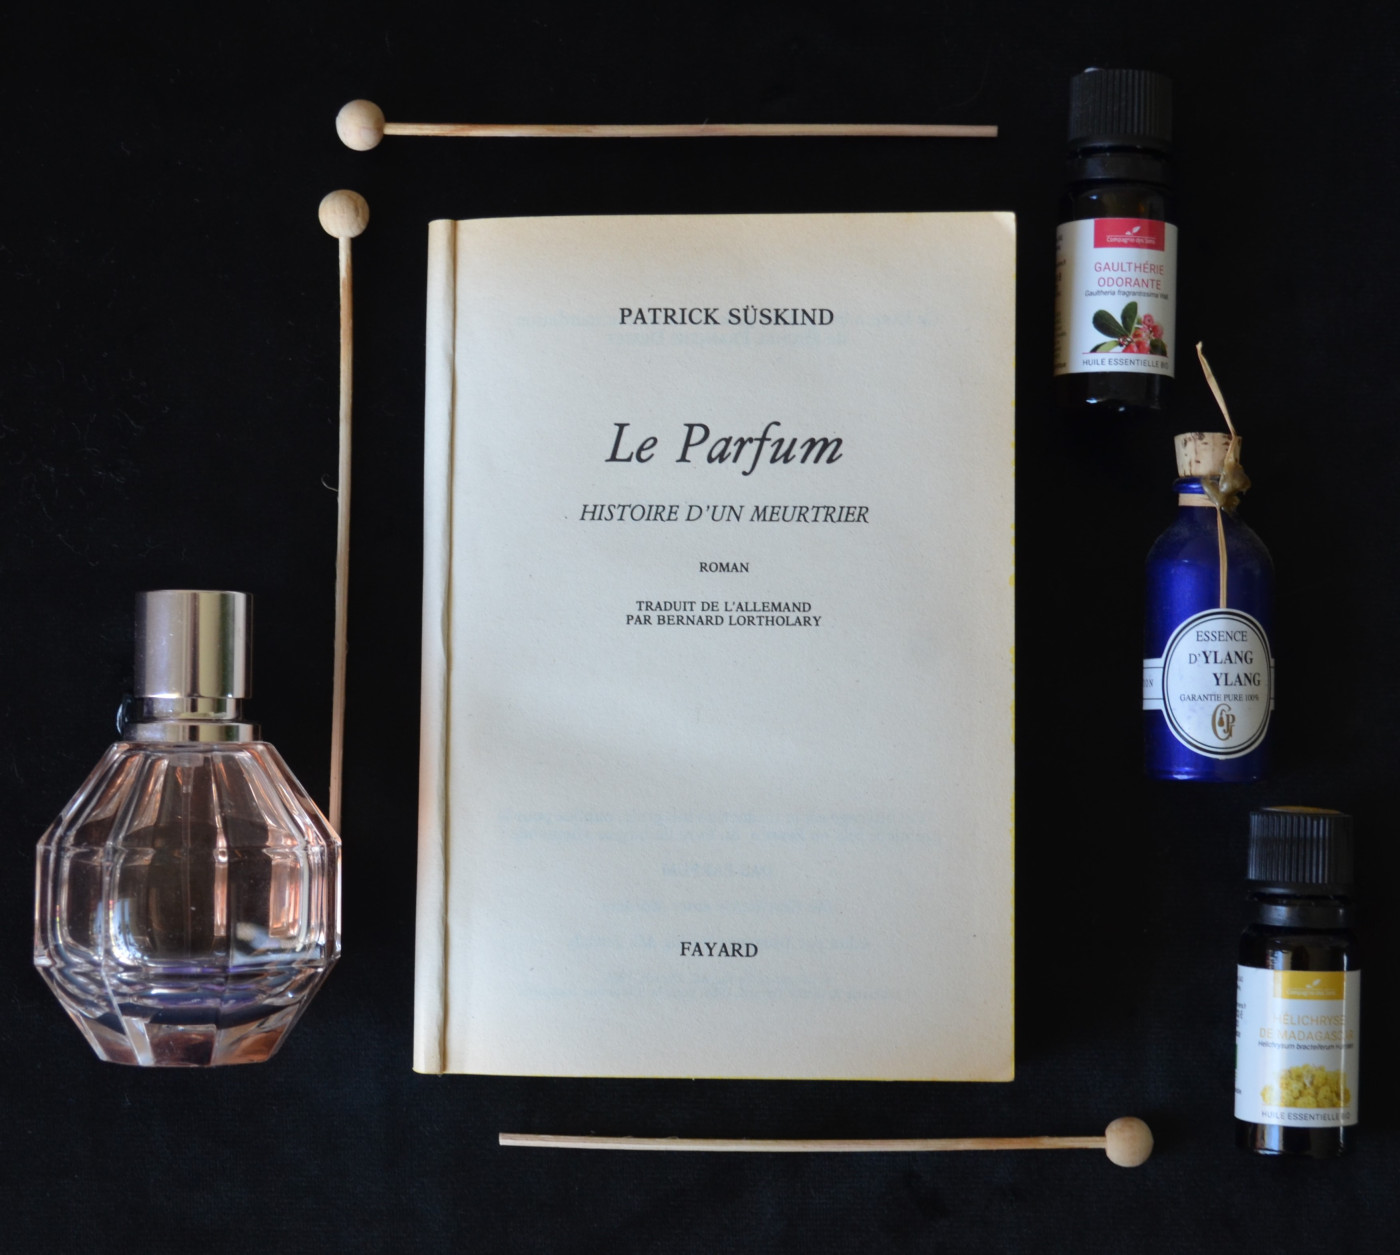 Image for Le Parfum D'egout-dsc_0015-2